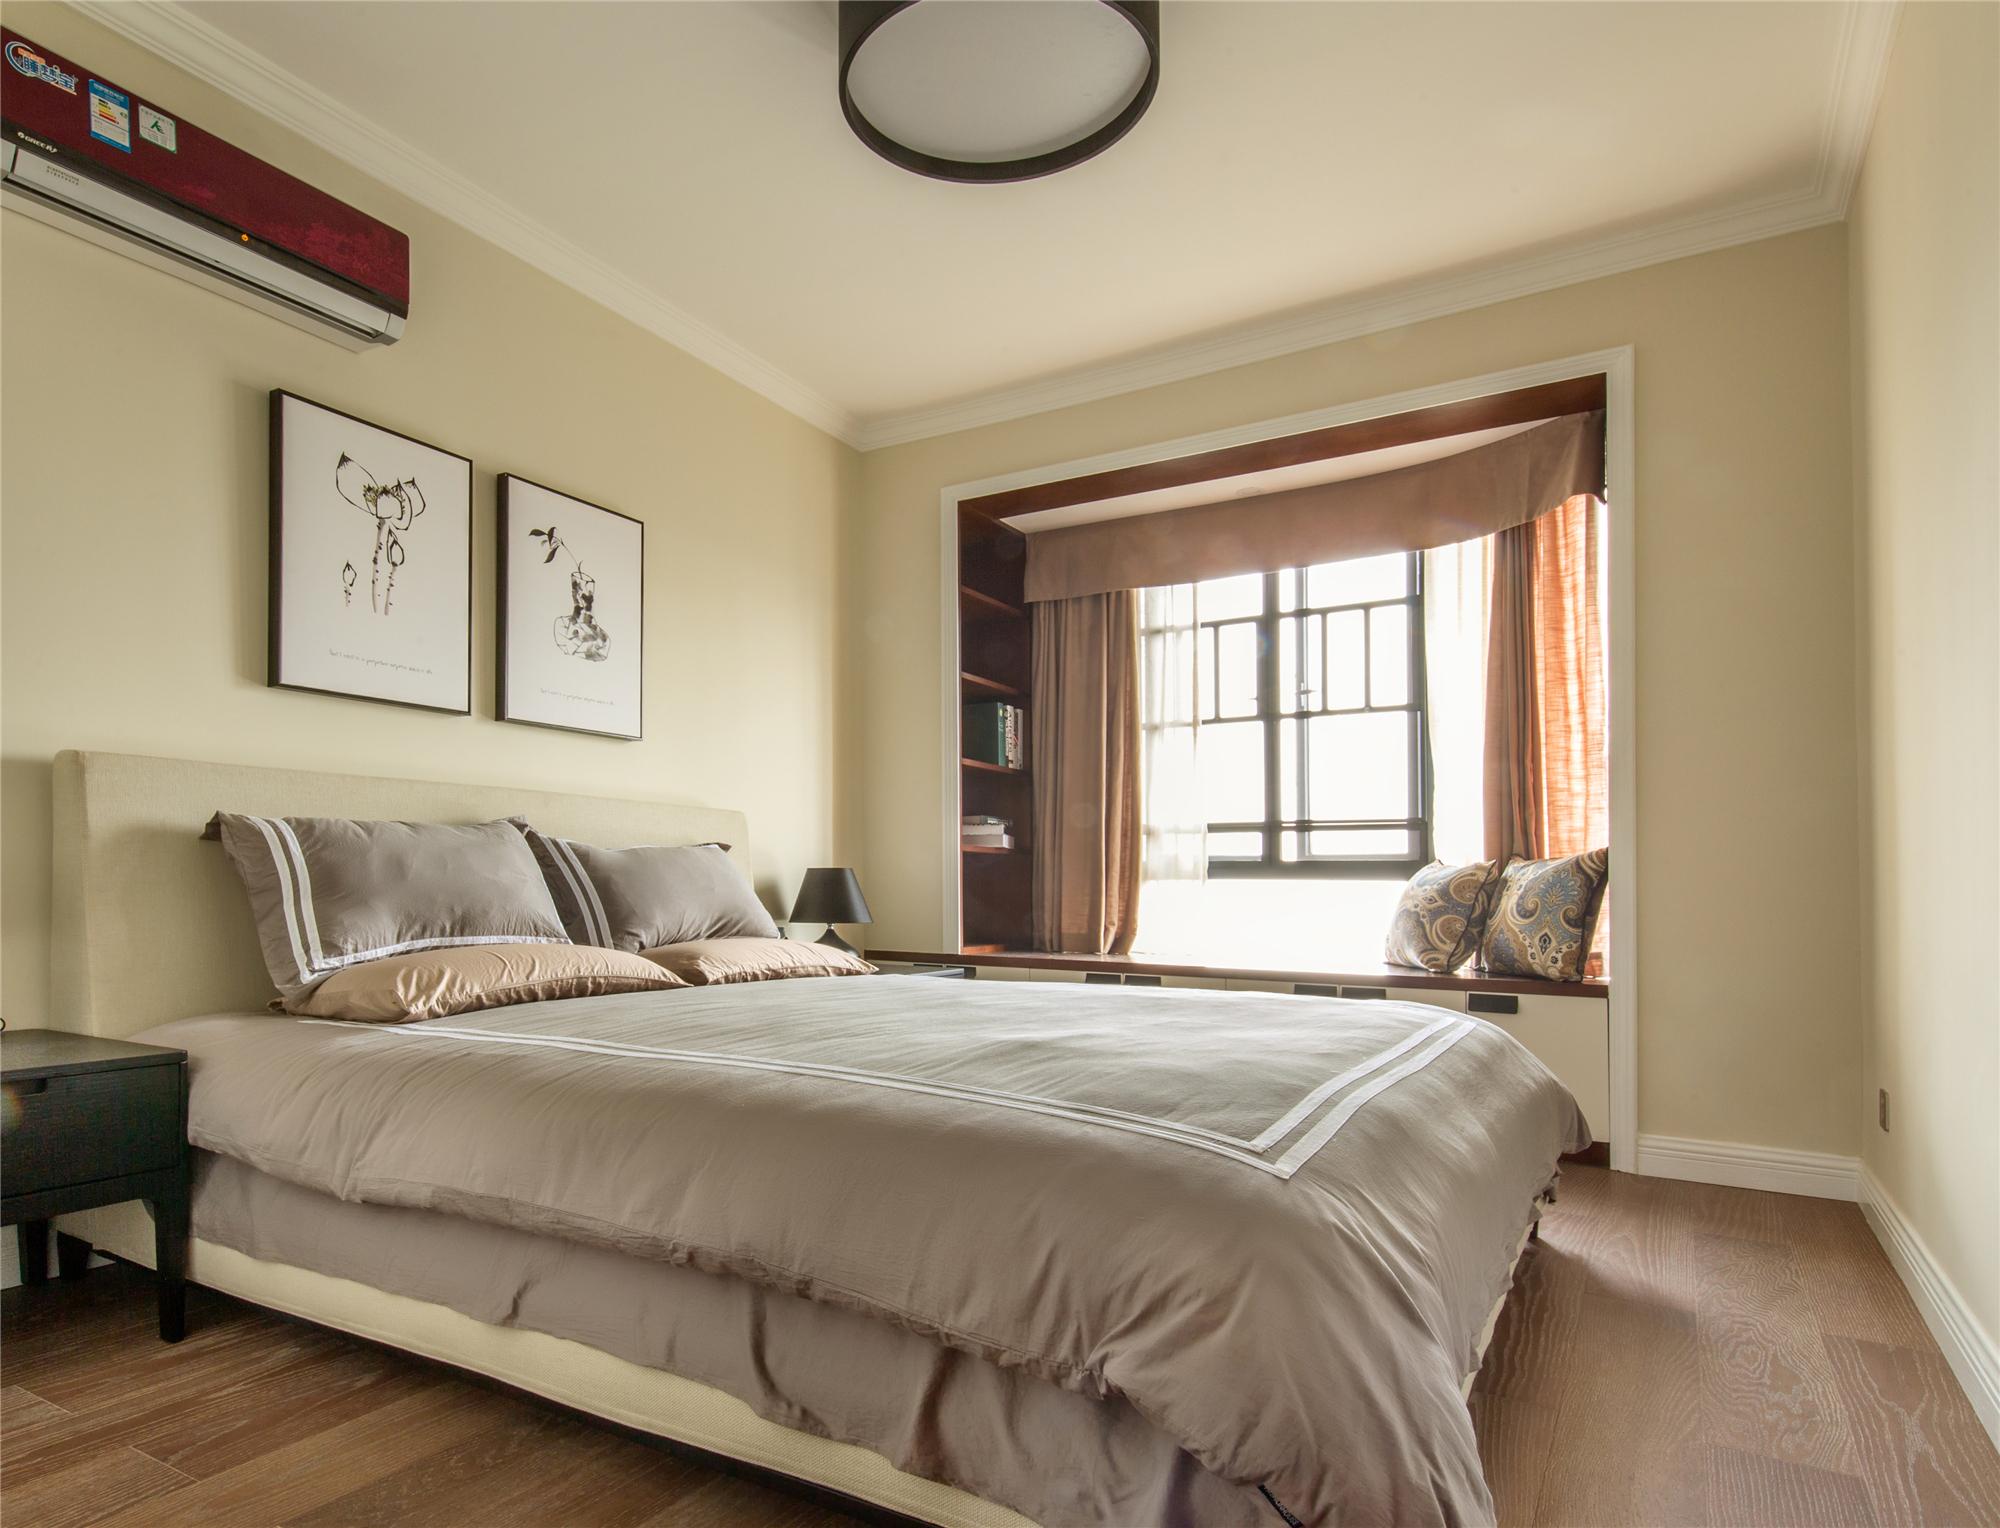 126平三居室装修次卧效果图